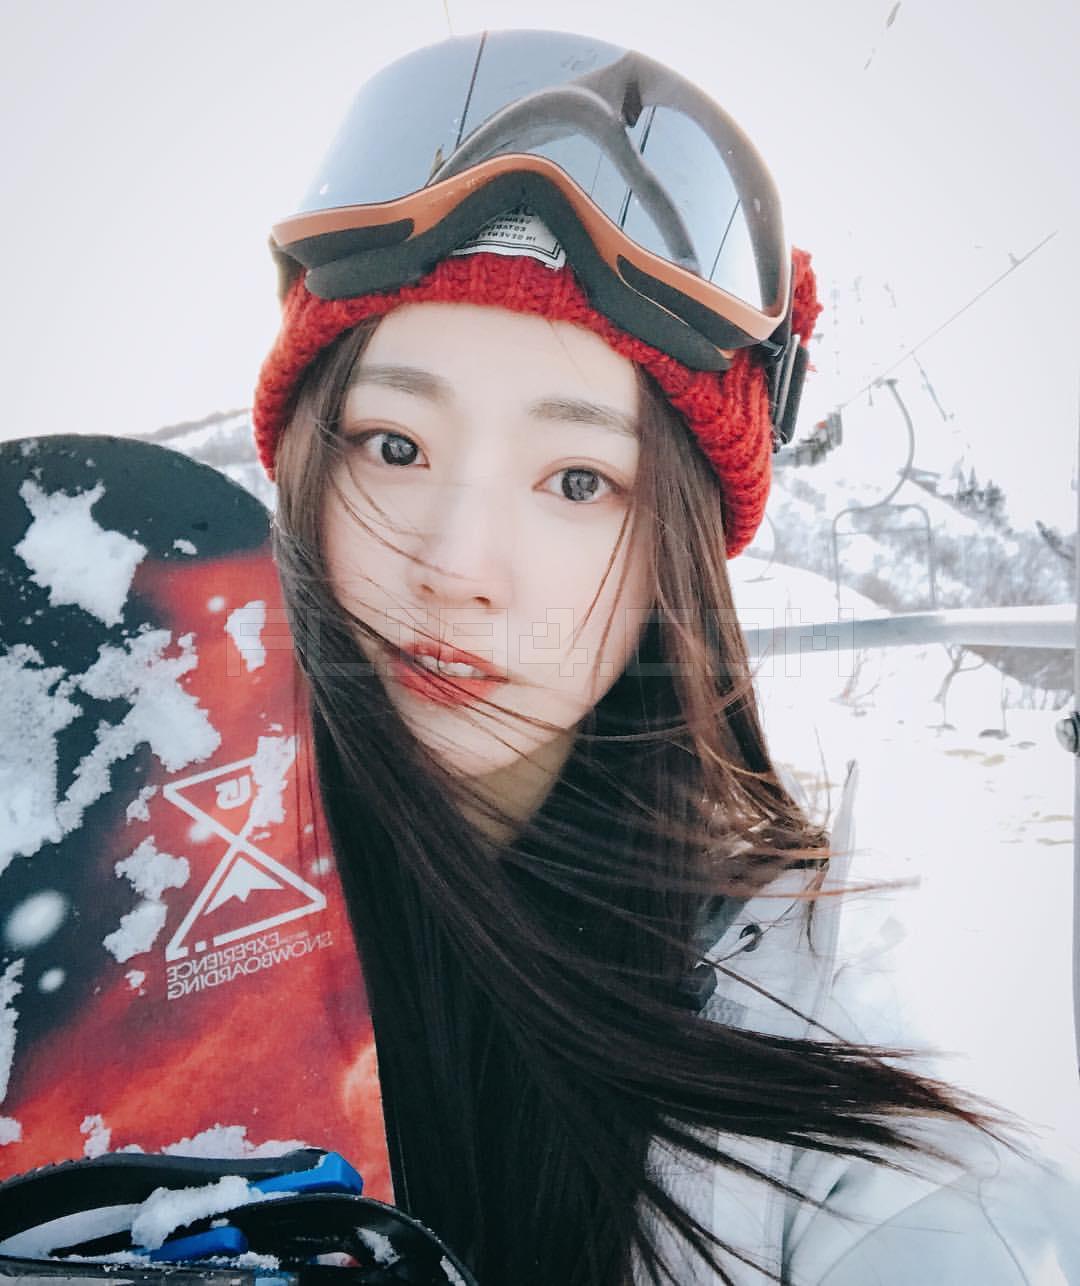 空灵系正妹小安清纯模样怎么看都好像女神